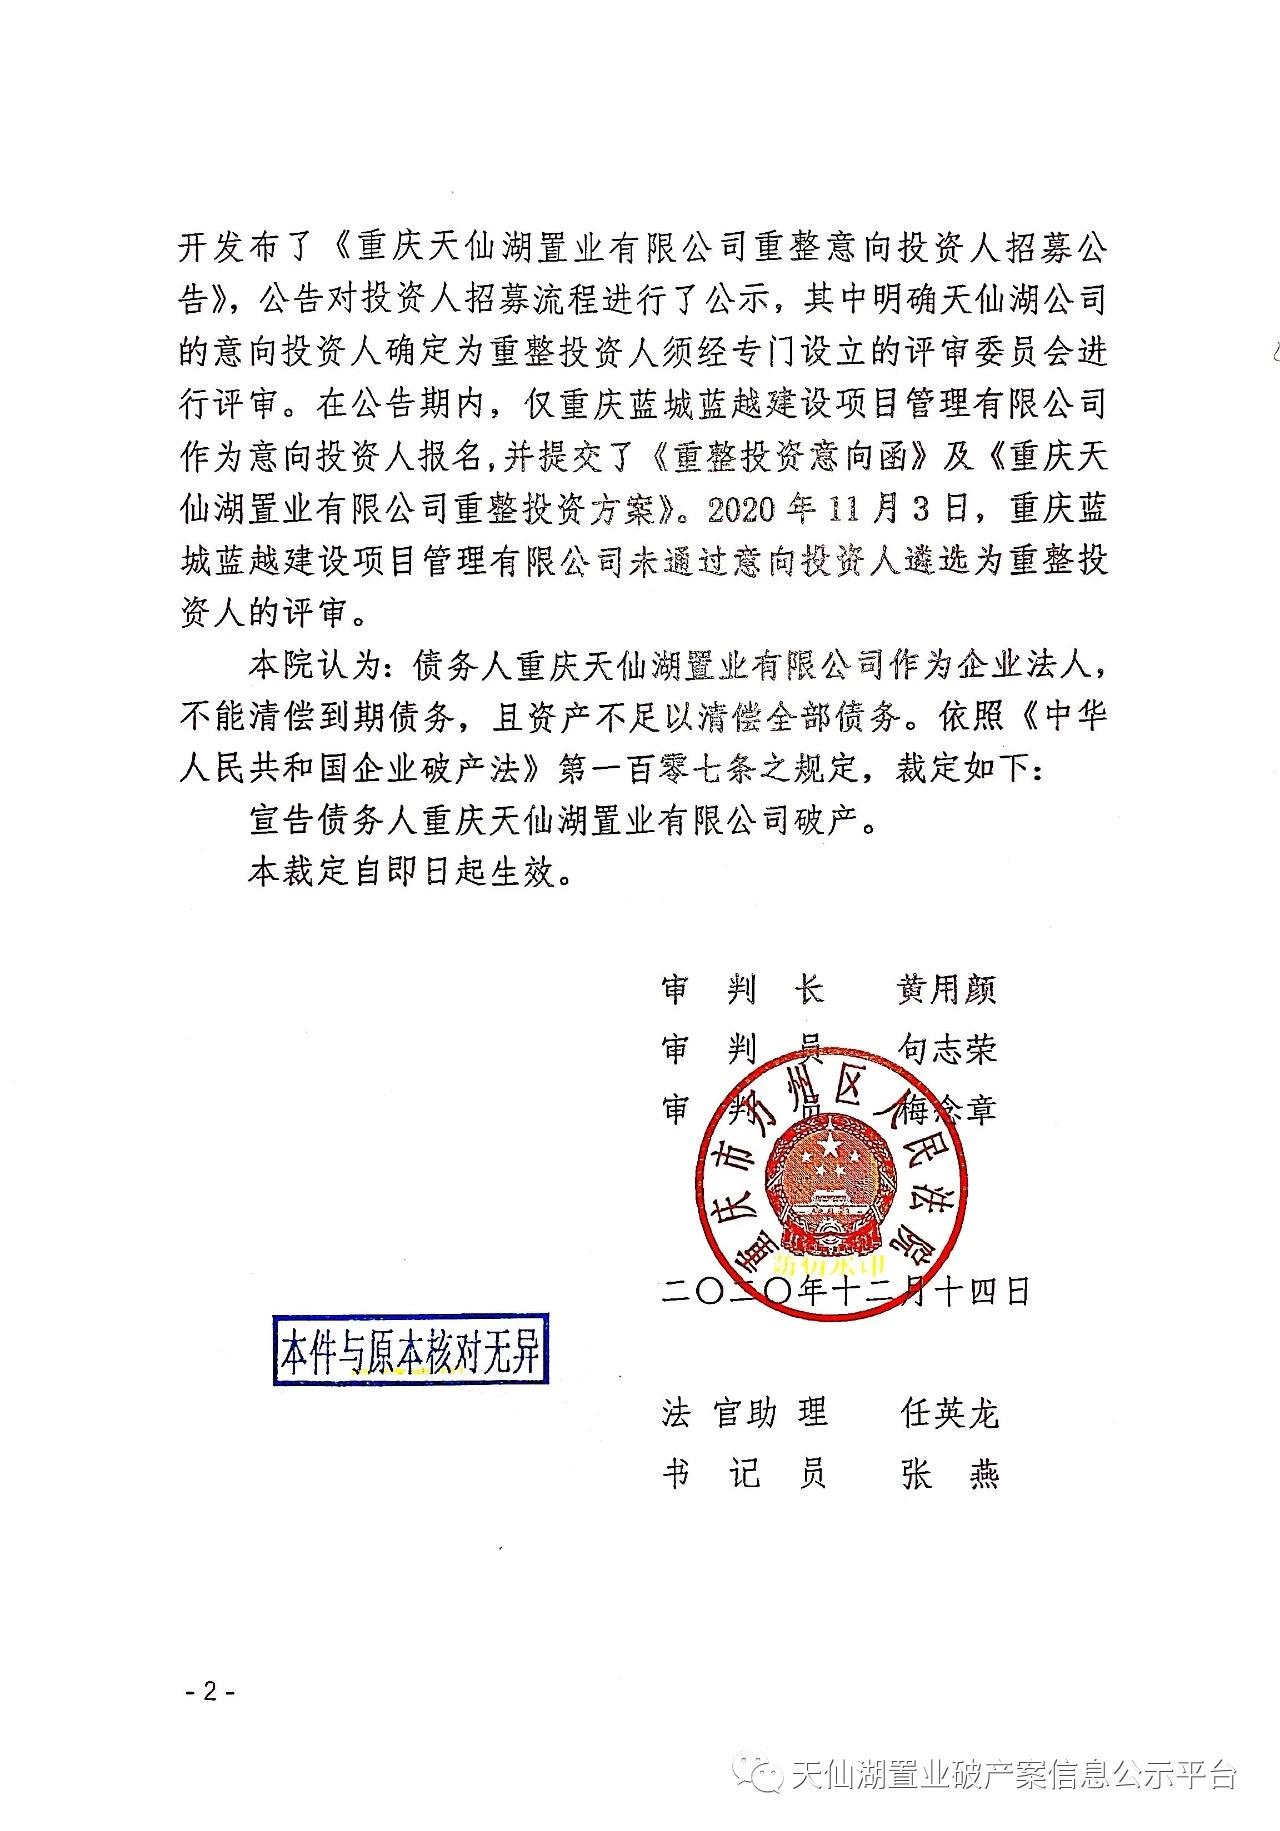 万州区法院作出的《民事裁定书》(部分)。天仙湖置业破产案信息公示平台微信公号 图